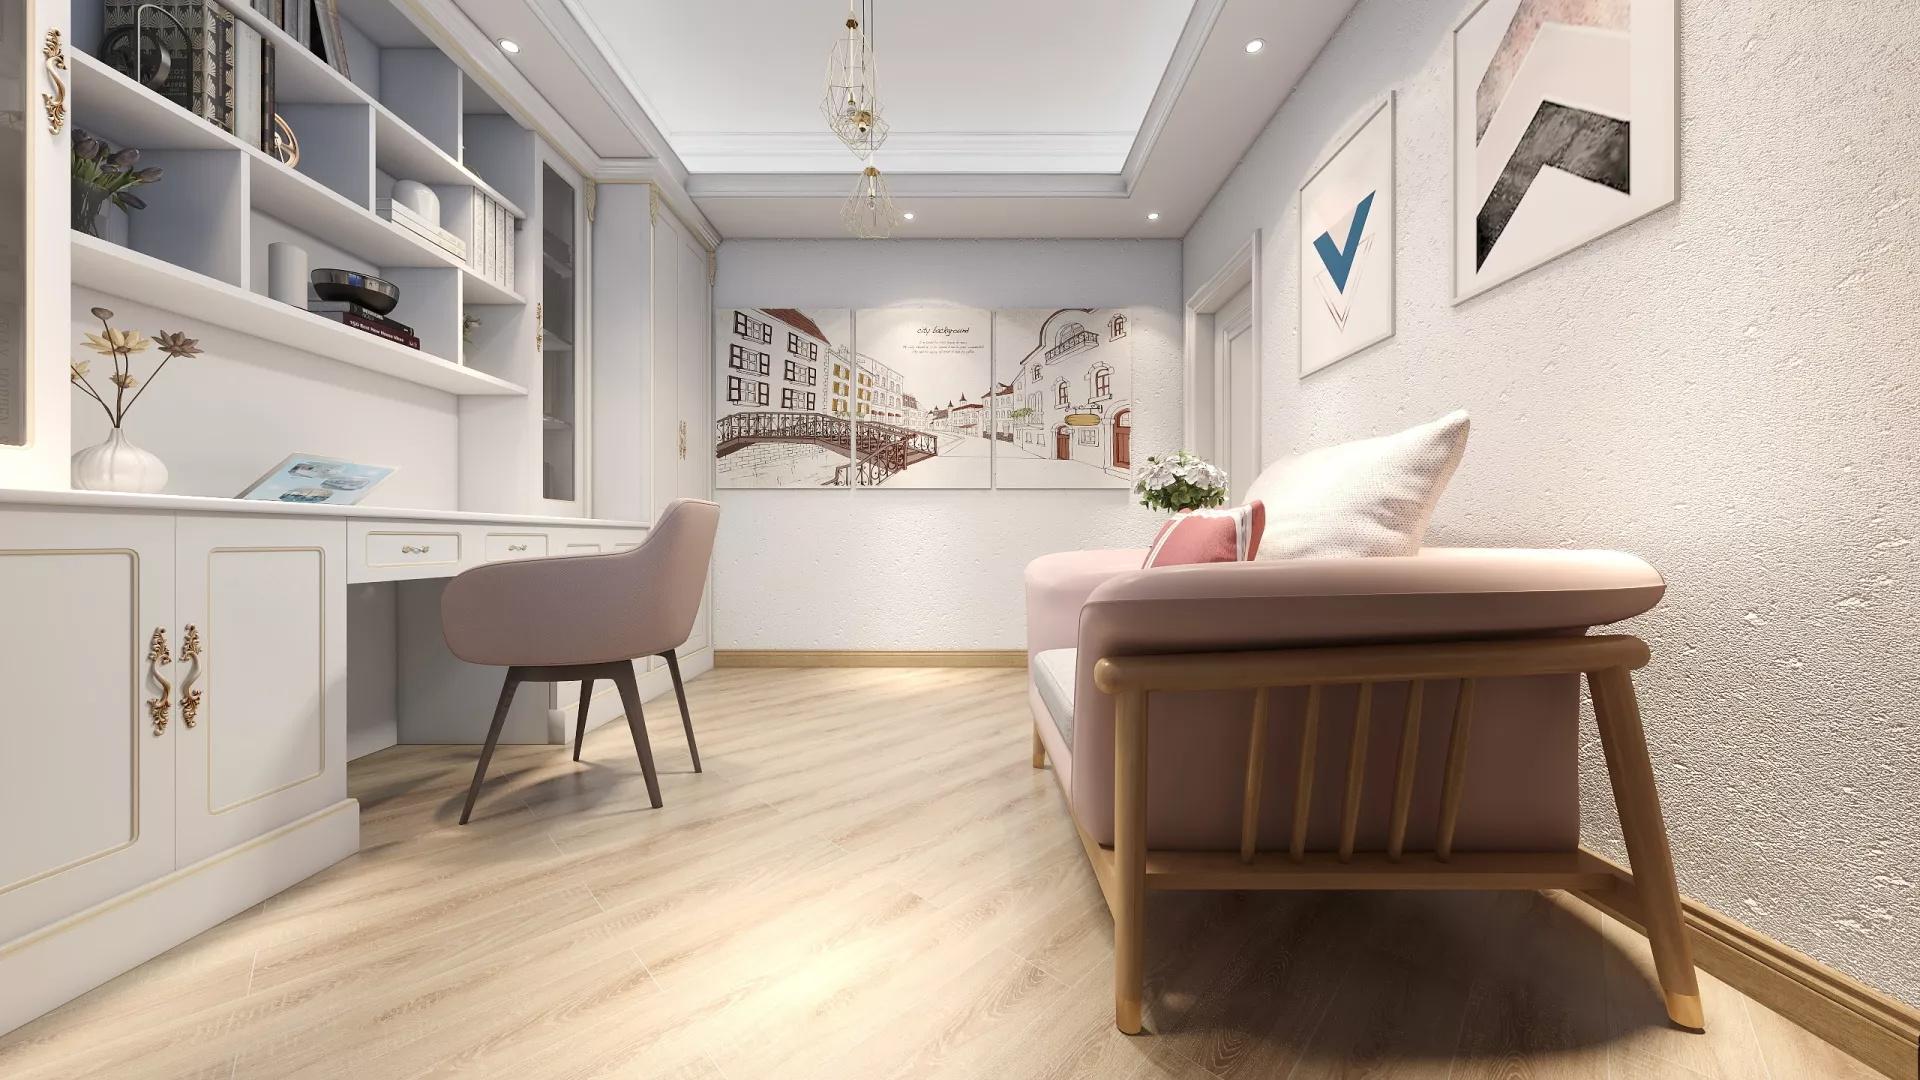 大廳背景墻如何設計 設計需要注意什么